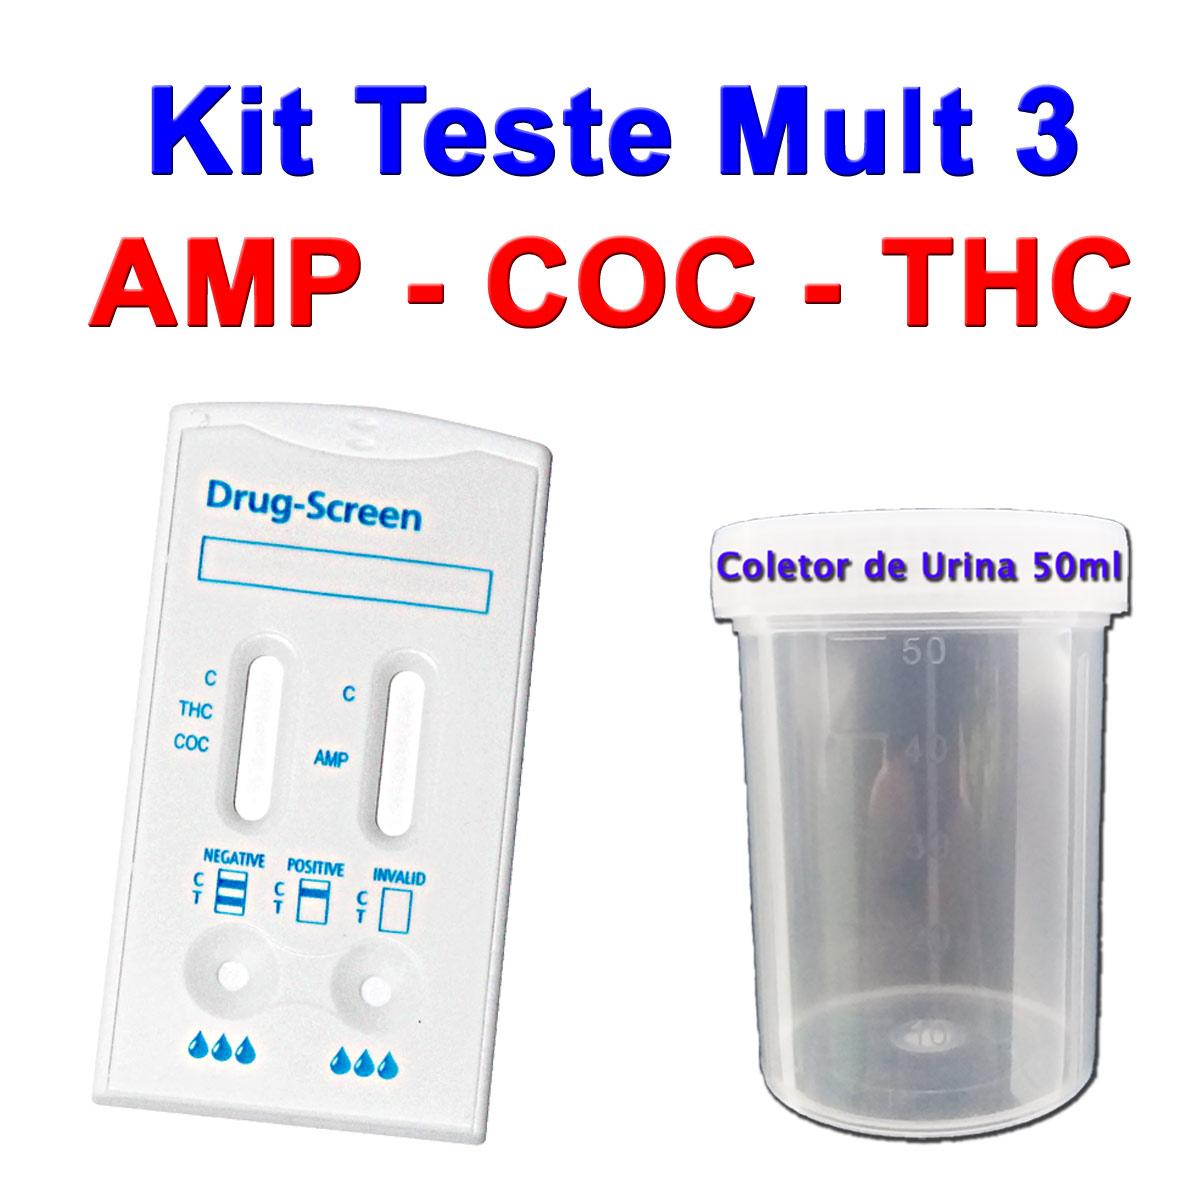 10 Kits para teste de AMP+COC+THC  - Loja Saúde - Diagnósticos e Produtos Naturais